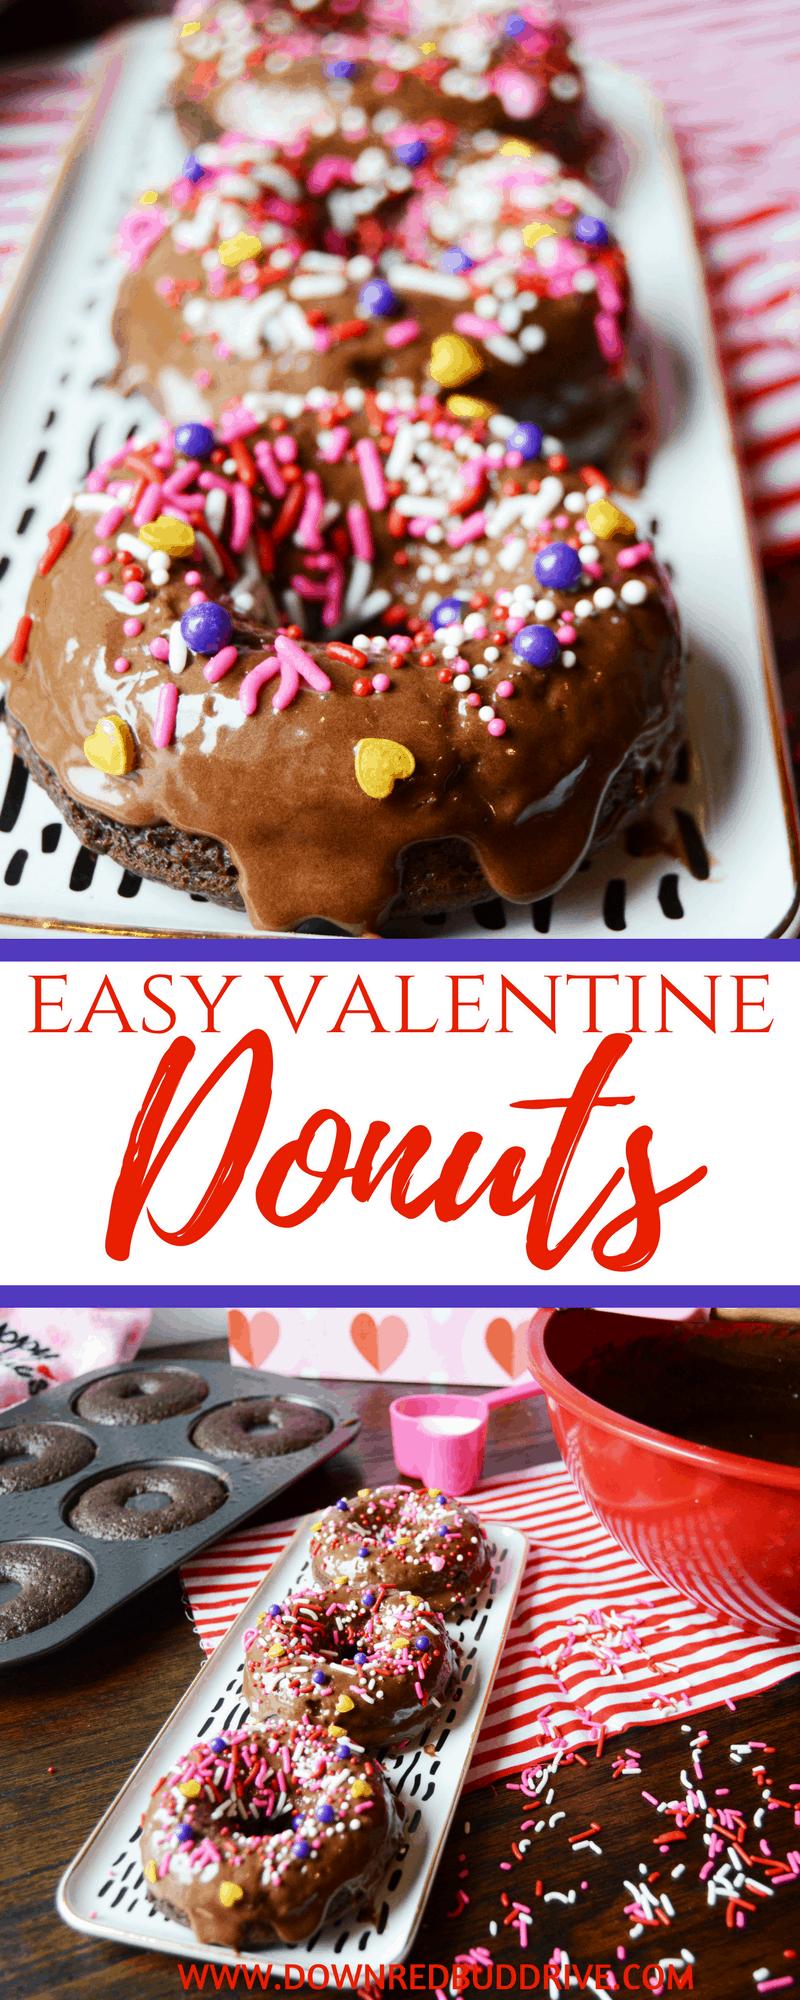 Valentine Donuts | Valentine Breakfast | Valentine Treat | Valentine Dessert | Valentine's Day Kids | Valentine's Day Donuts | Chocolate Donut recipe | Chocolate Cake Donut Recipe | Easy Donut Recipe | #donutrecipe #valentinesday #valentinesdayrecipe